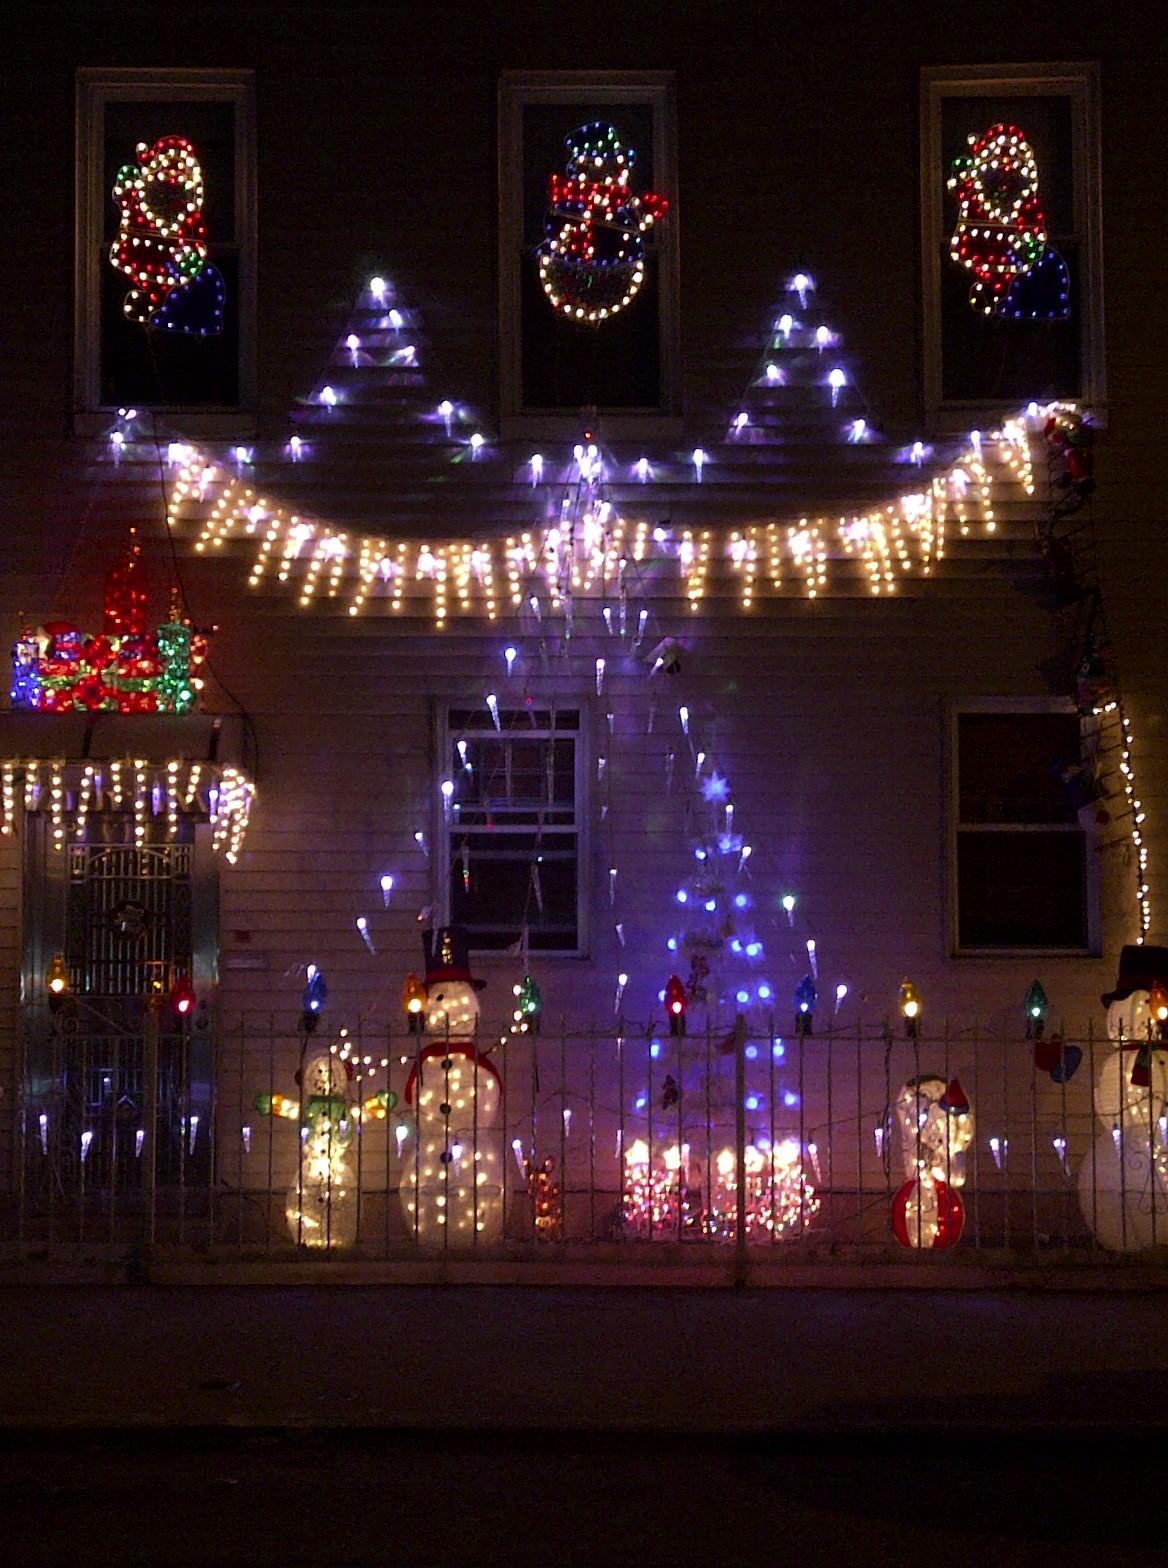 Mas decoraciones de navidad en nueva york de oriente a - Imagenes decoracion navidad ...